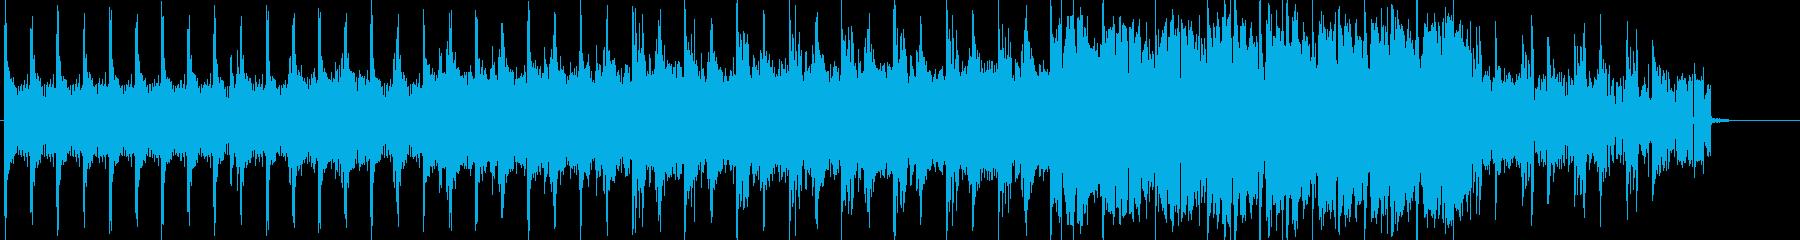 ホラー映画のクレジット風トラックの再生済みの波形